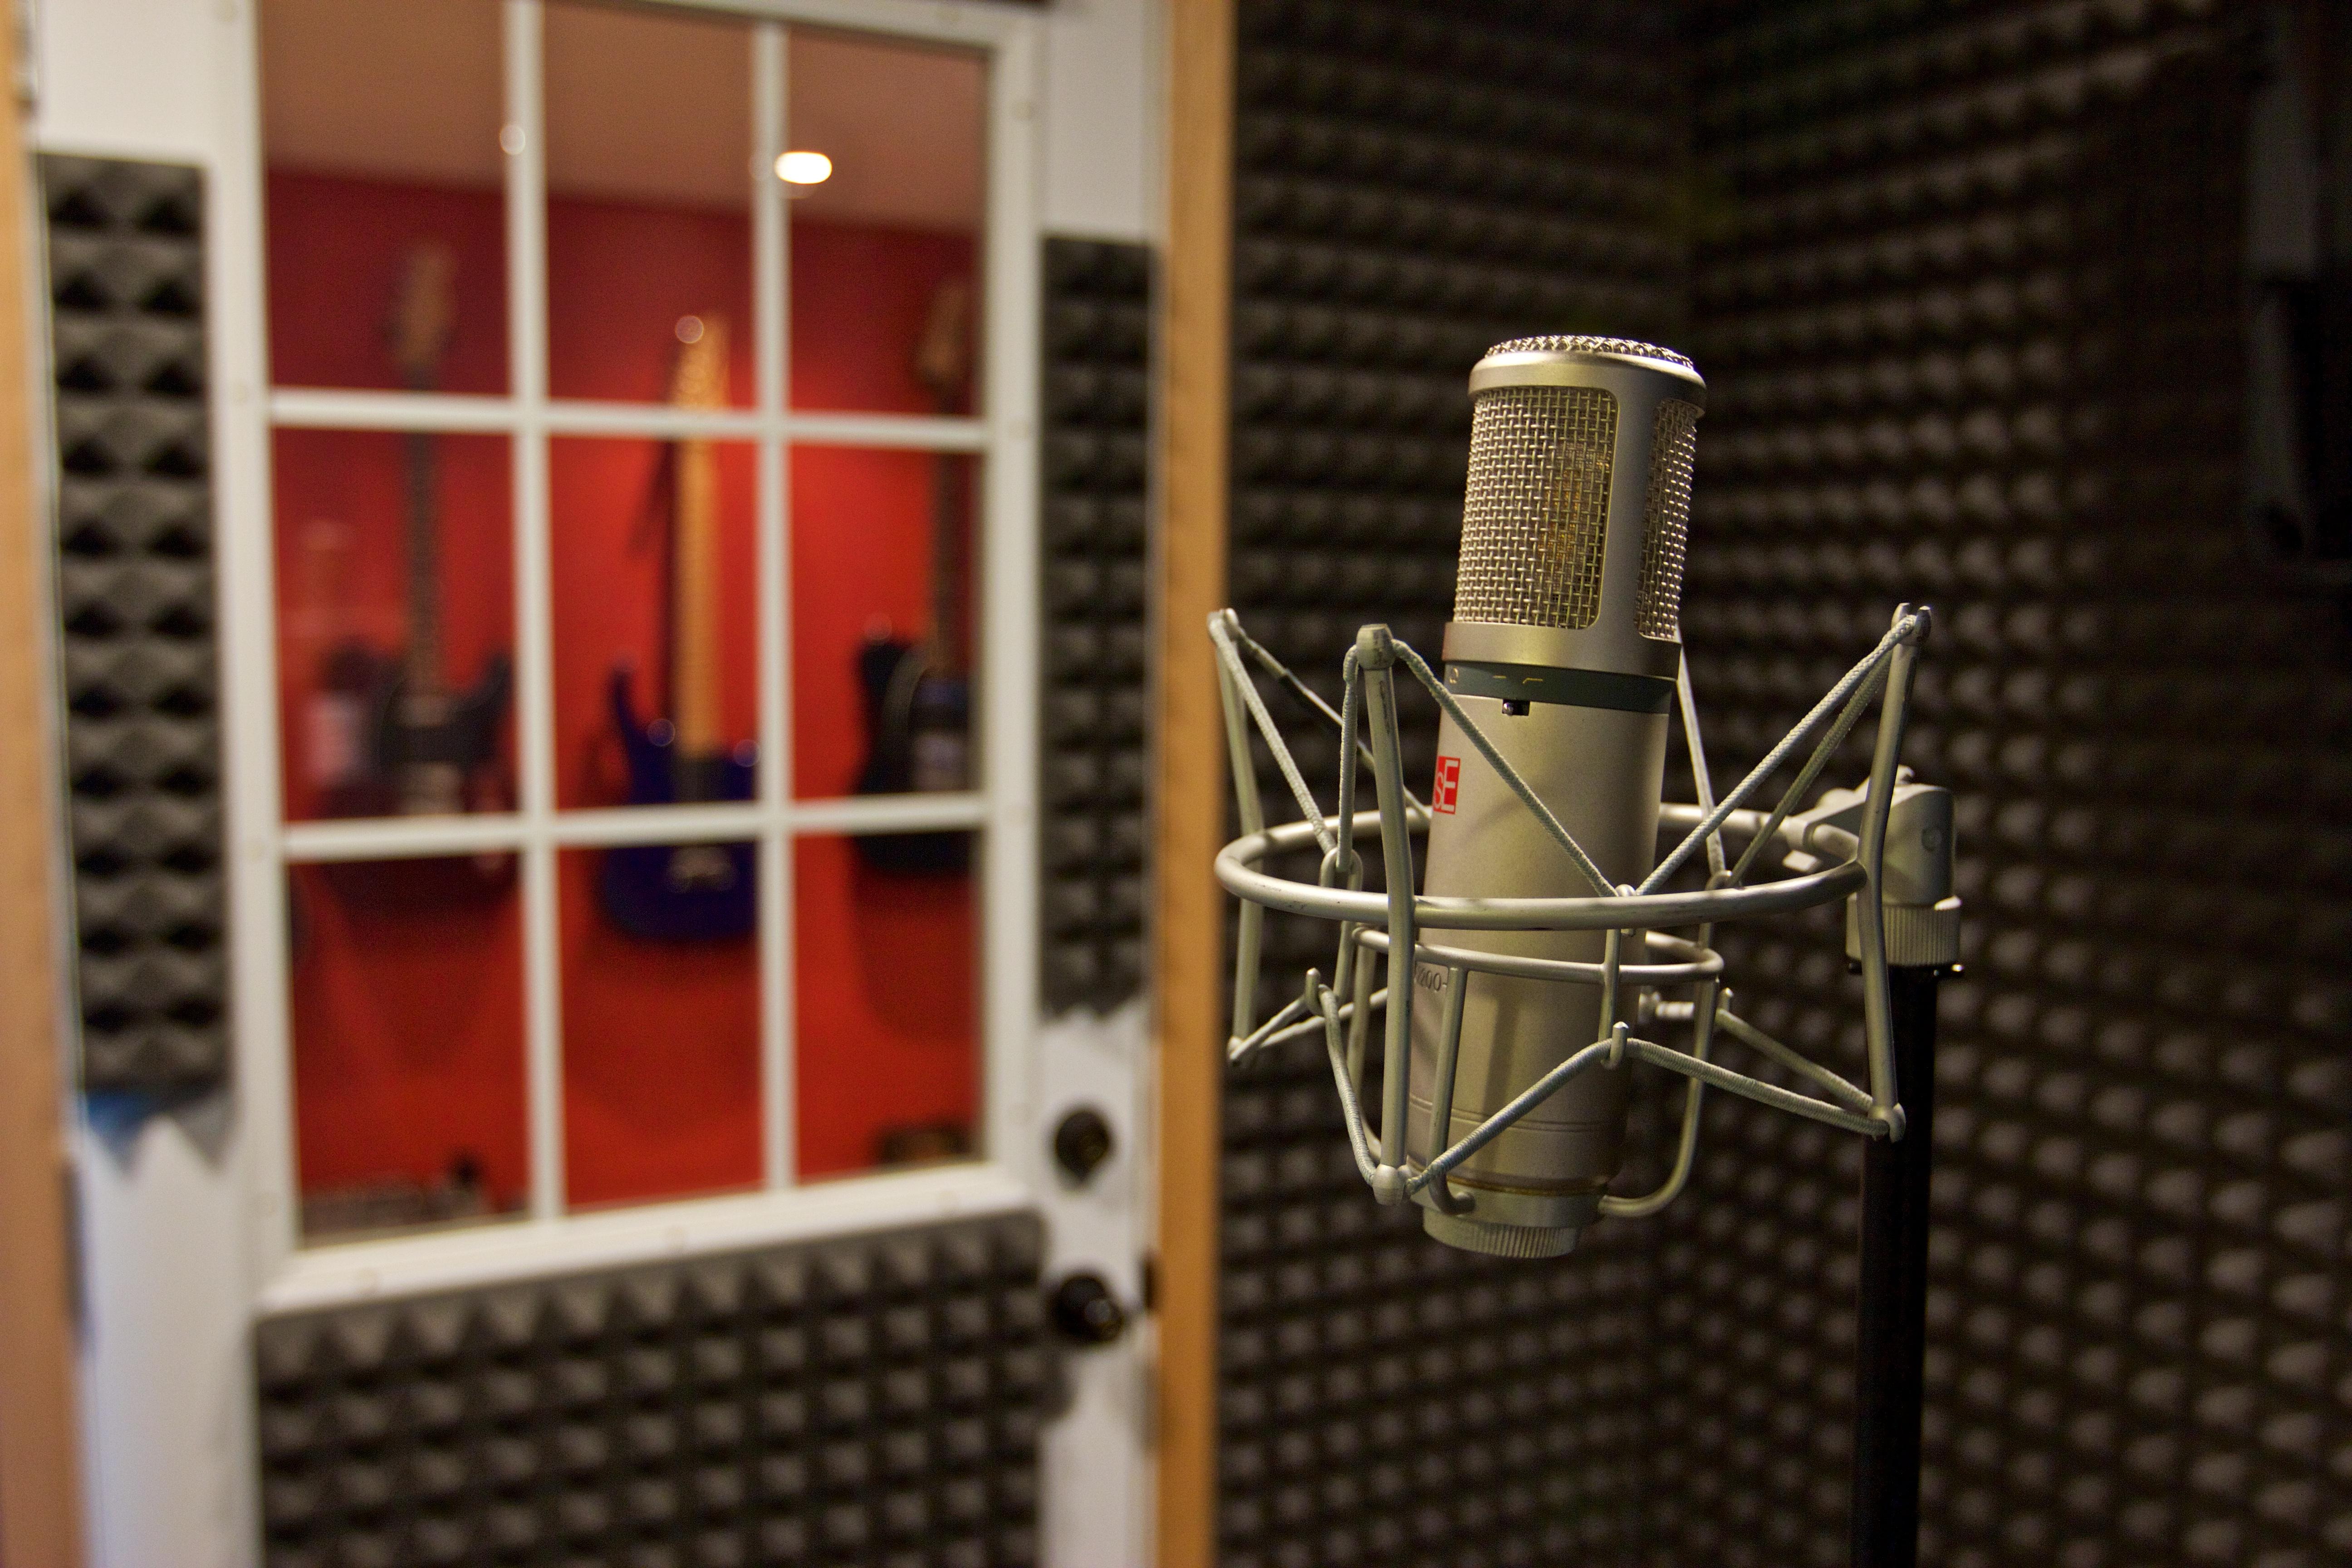 Ridgeline Audio Studio's Booth